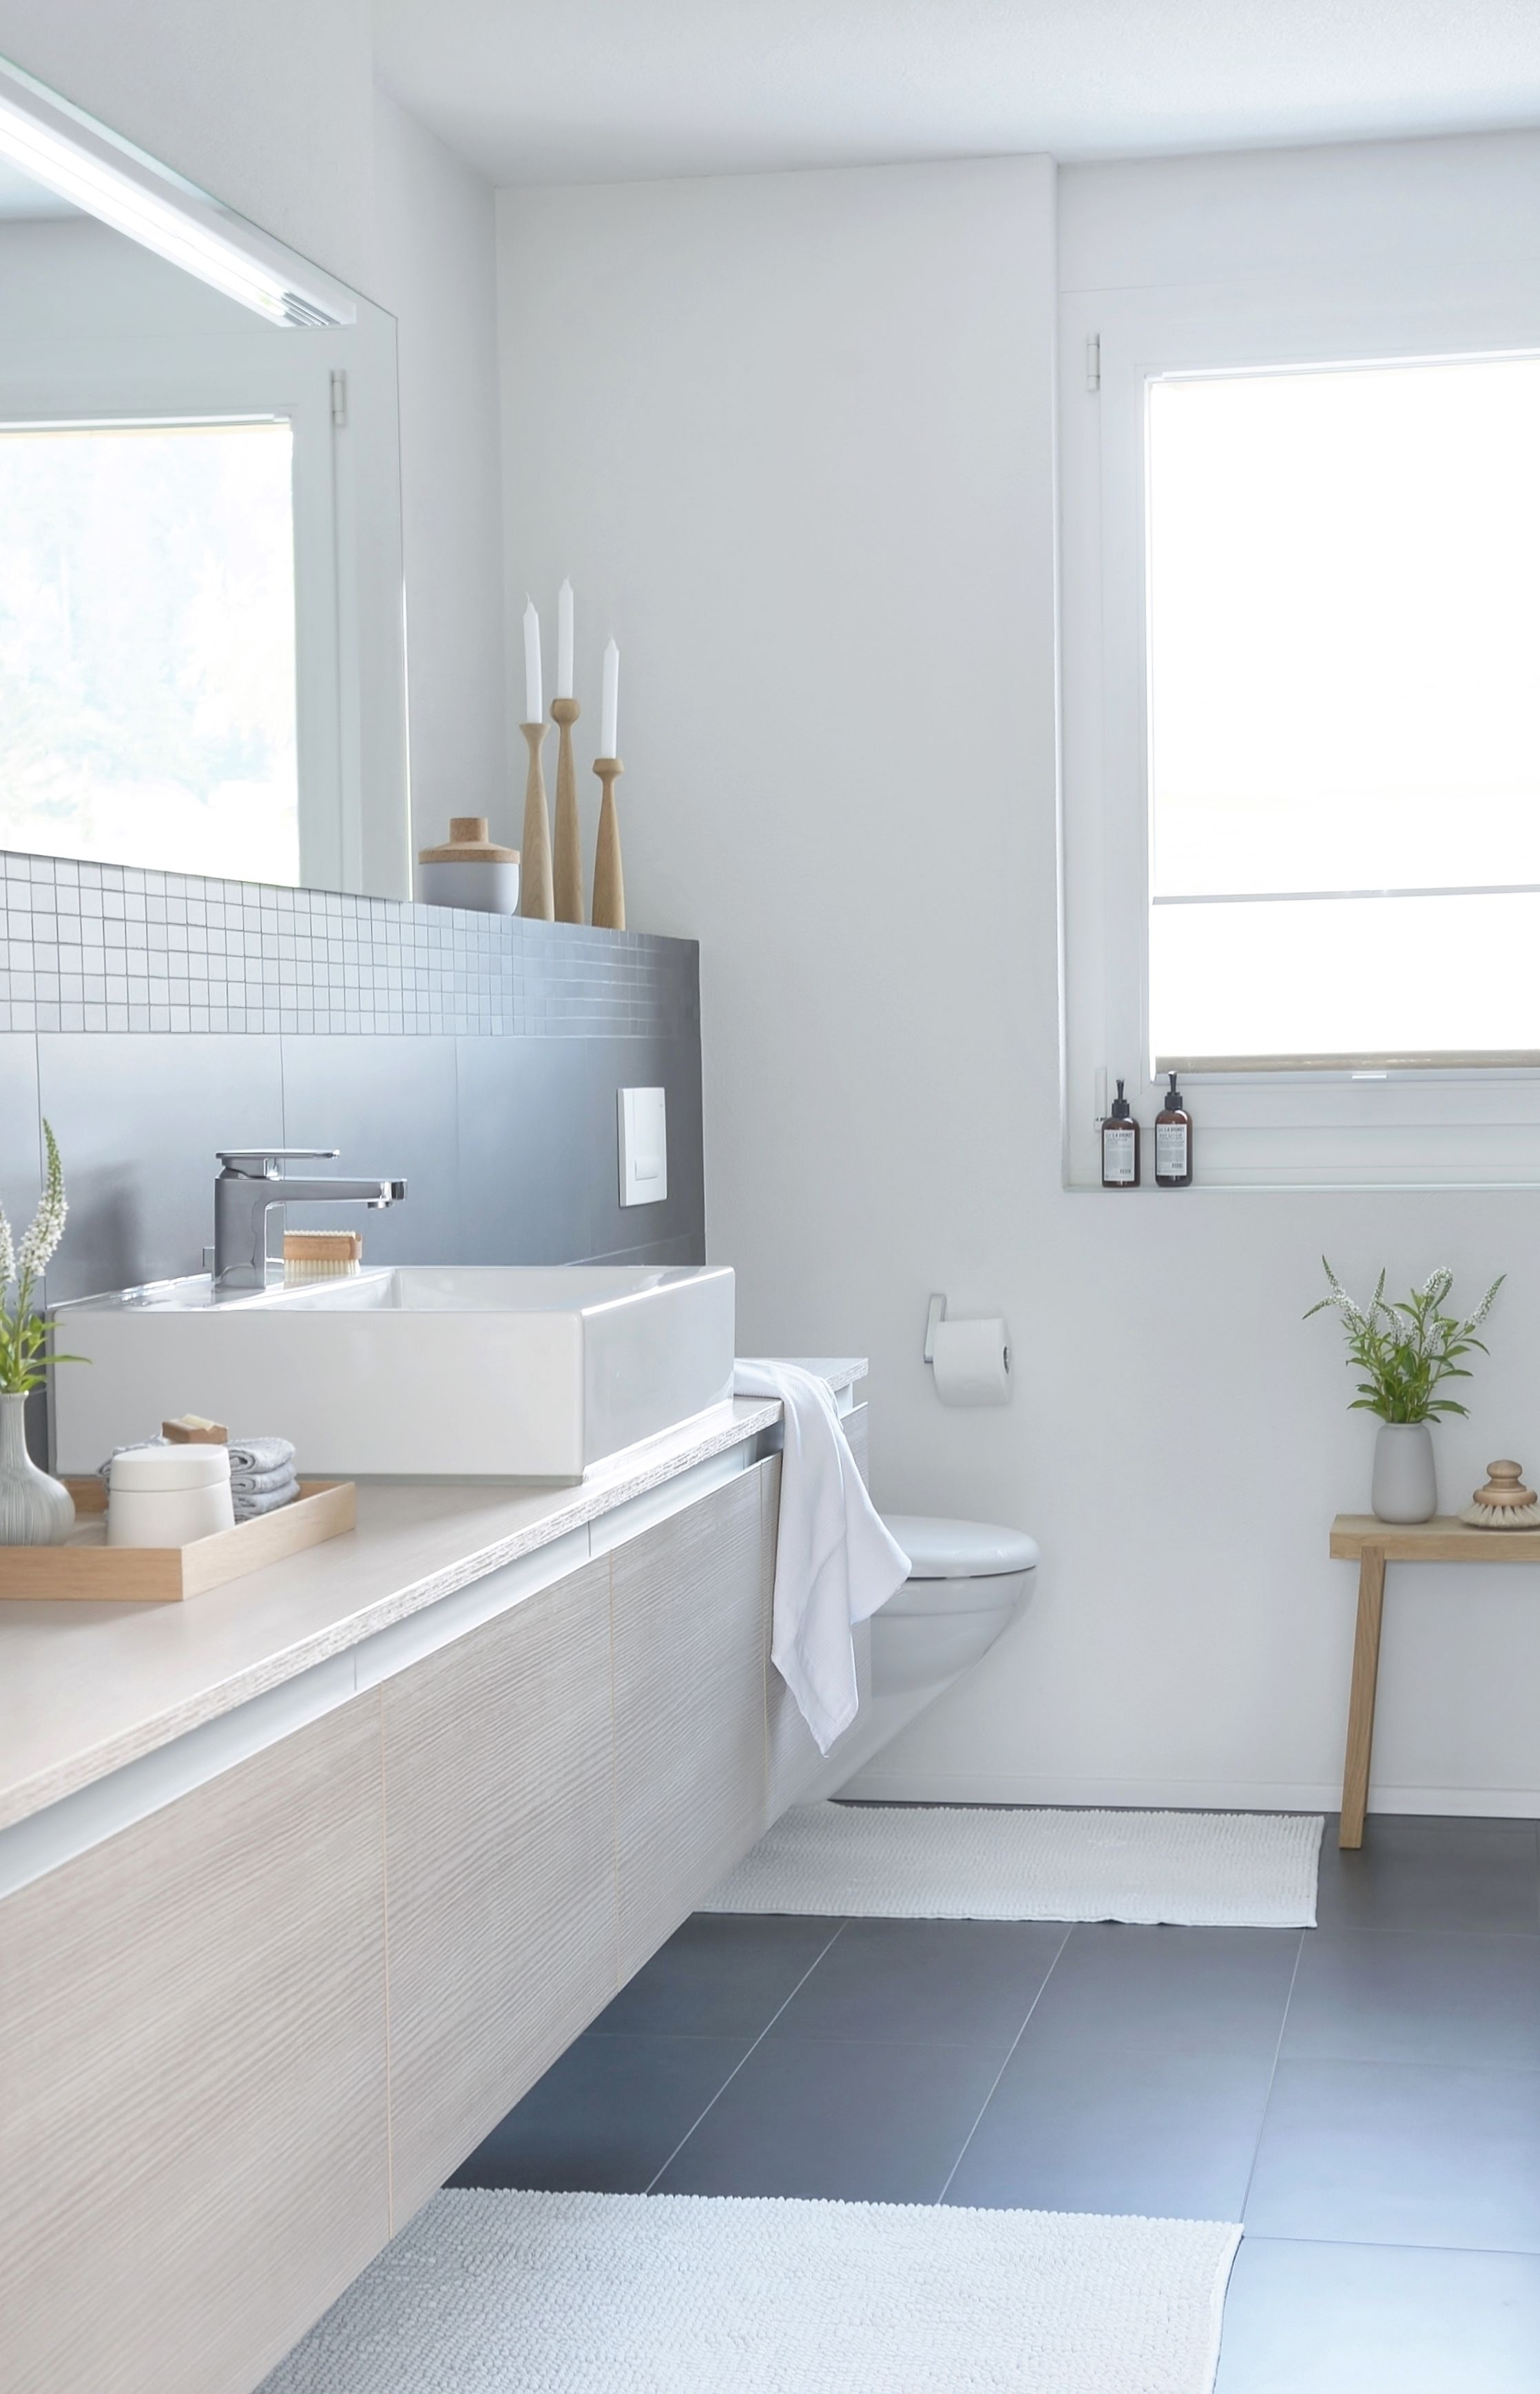 Einblick Ideas For Home Ideas Para El Hogar Badezimmer Helle Badezimmer Und Badezimmerideen